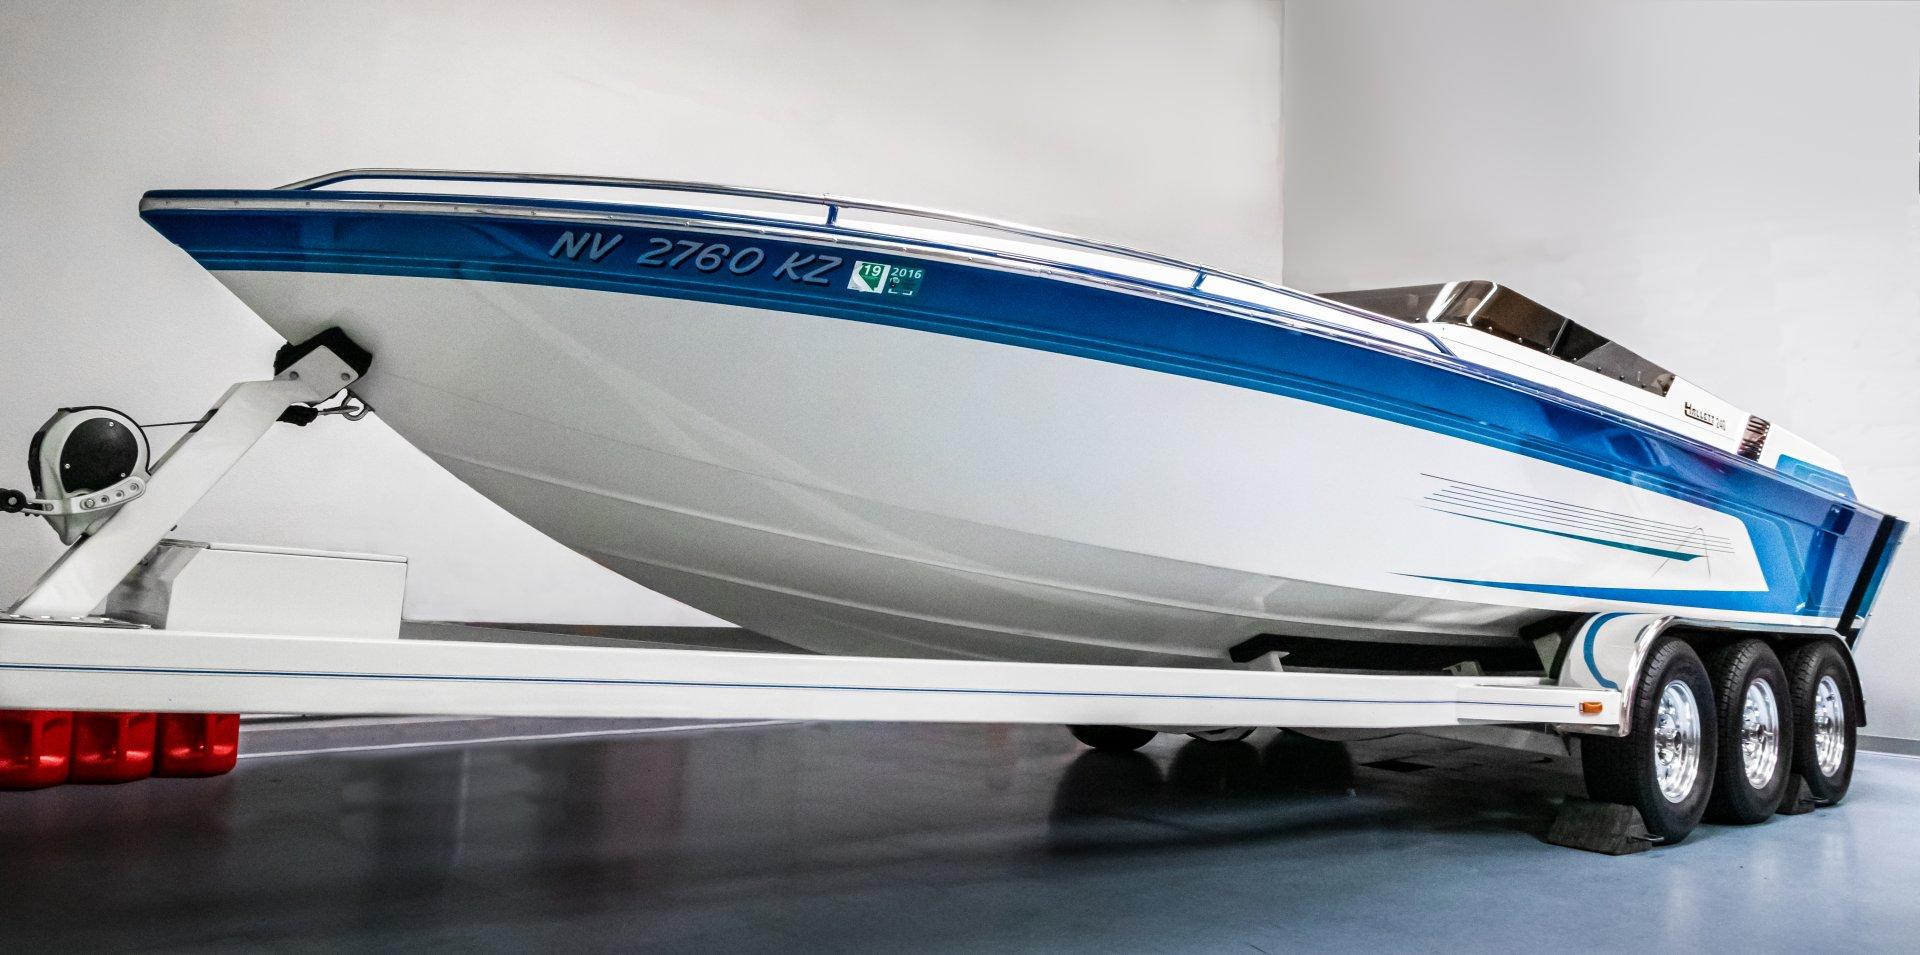 Dunn Boat.jpg